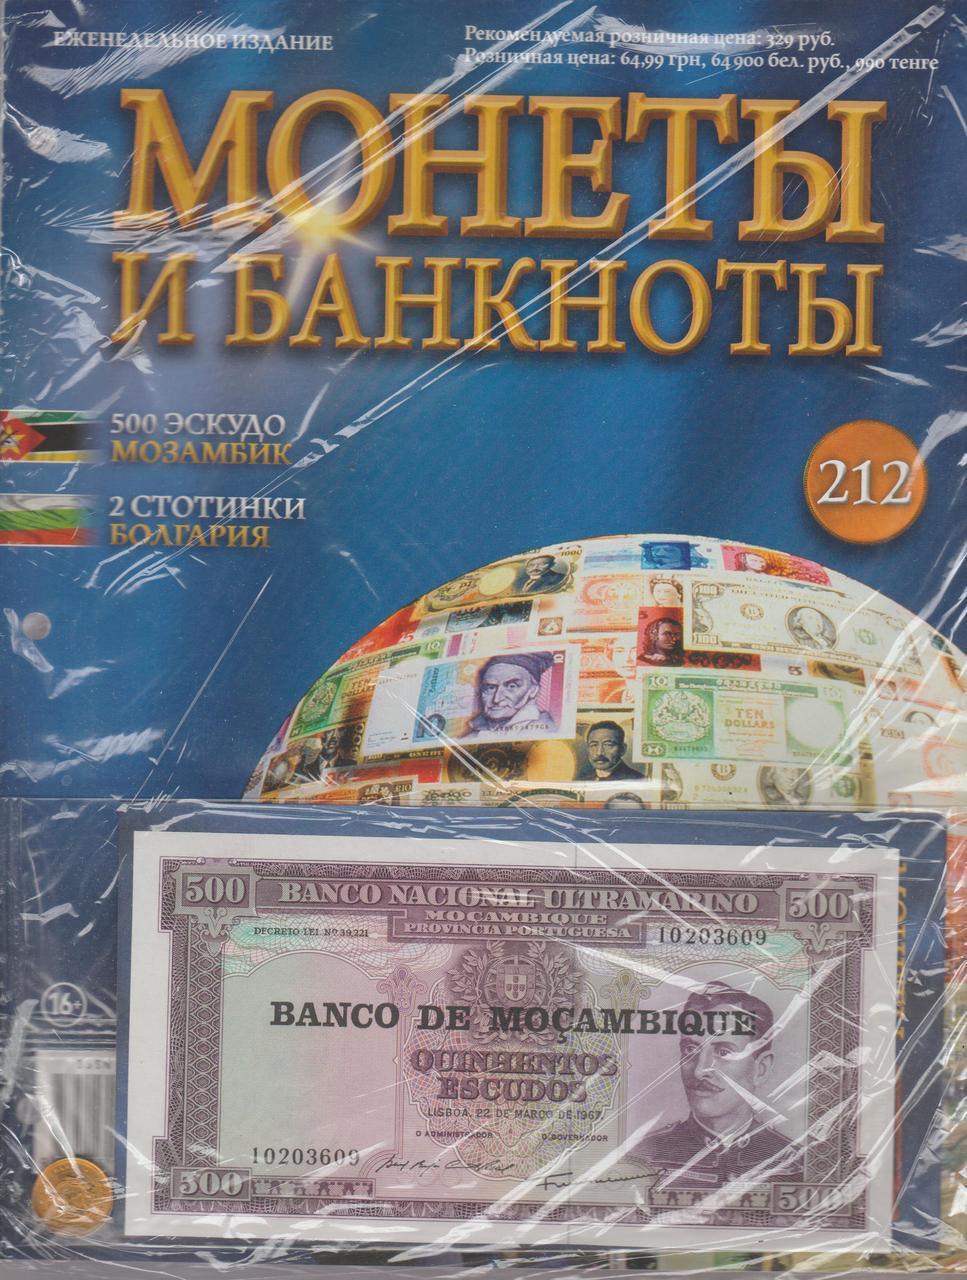 Монеты и банкноты №212